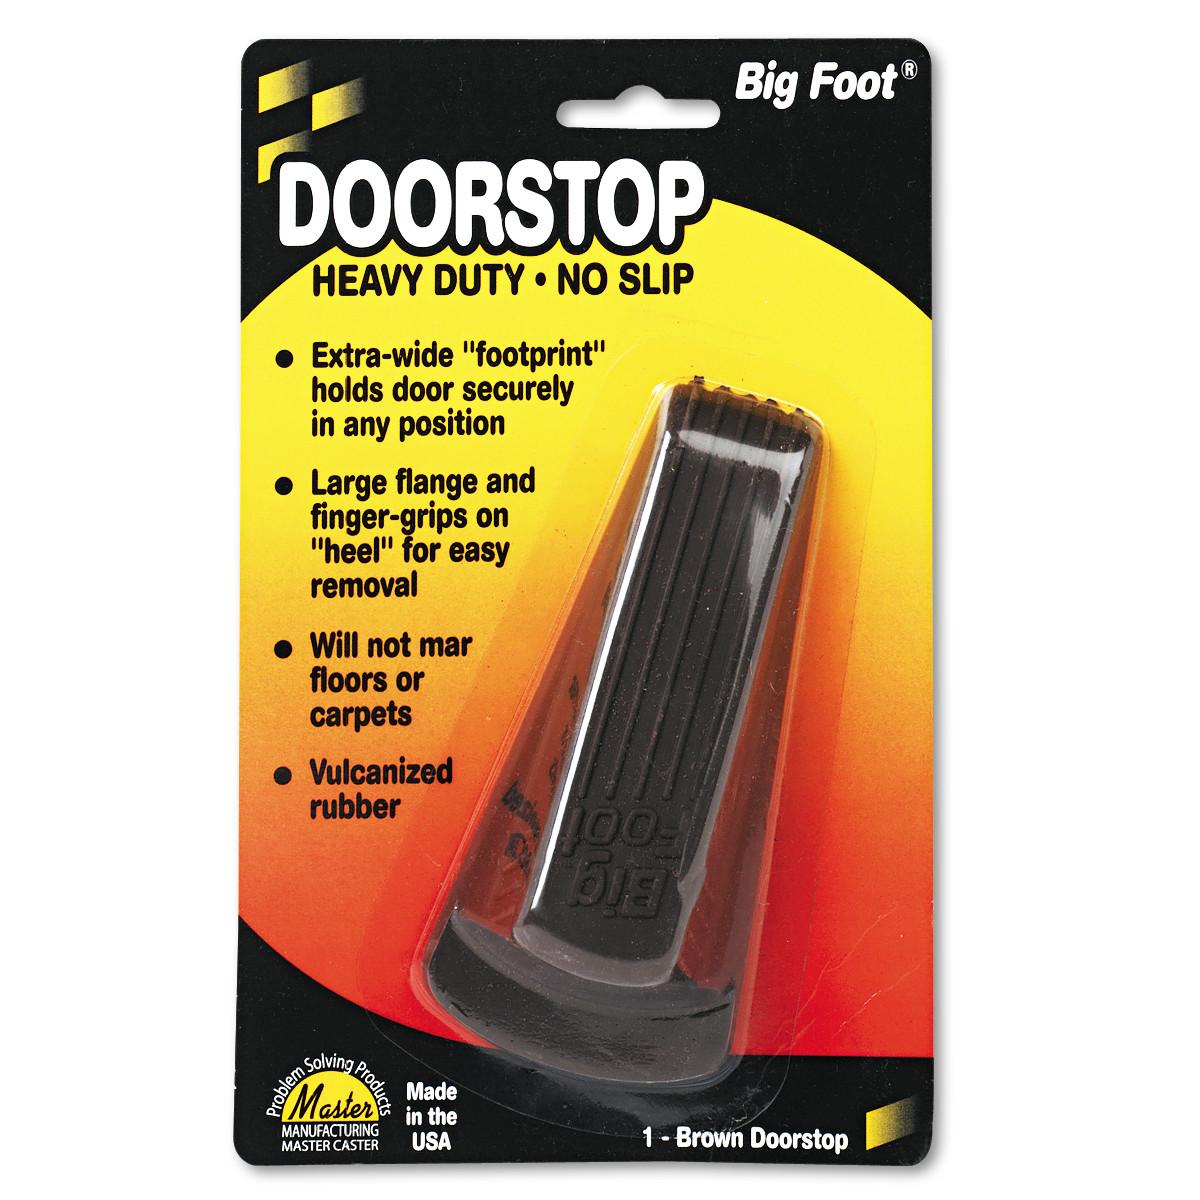 Master Caster Big Foot Doorstop, No Slip Rubber Wedge, 2 1/4w x 4 3/4d x 1 1/4h, Brown